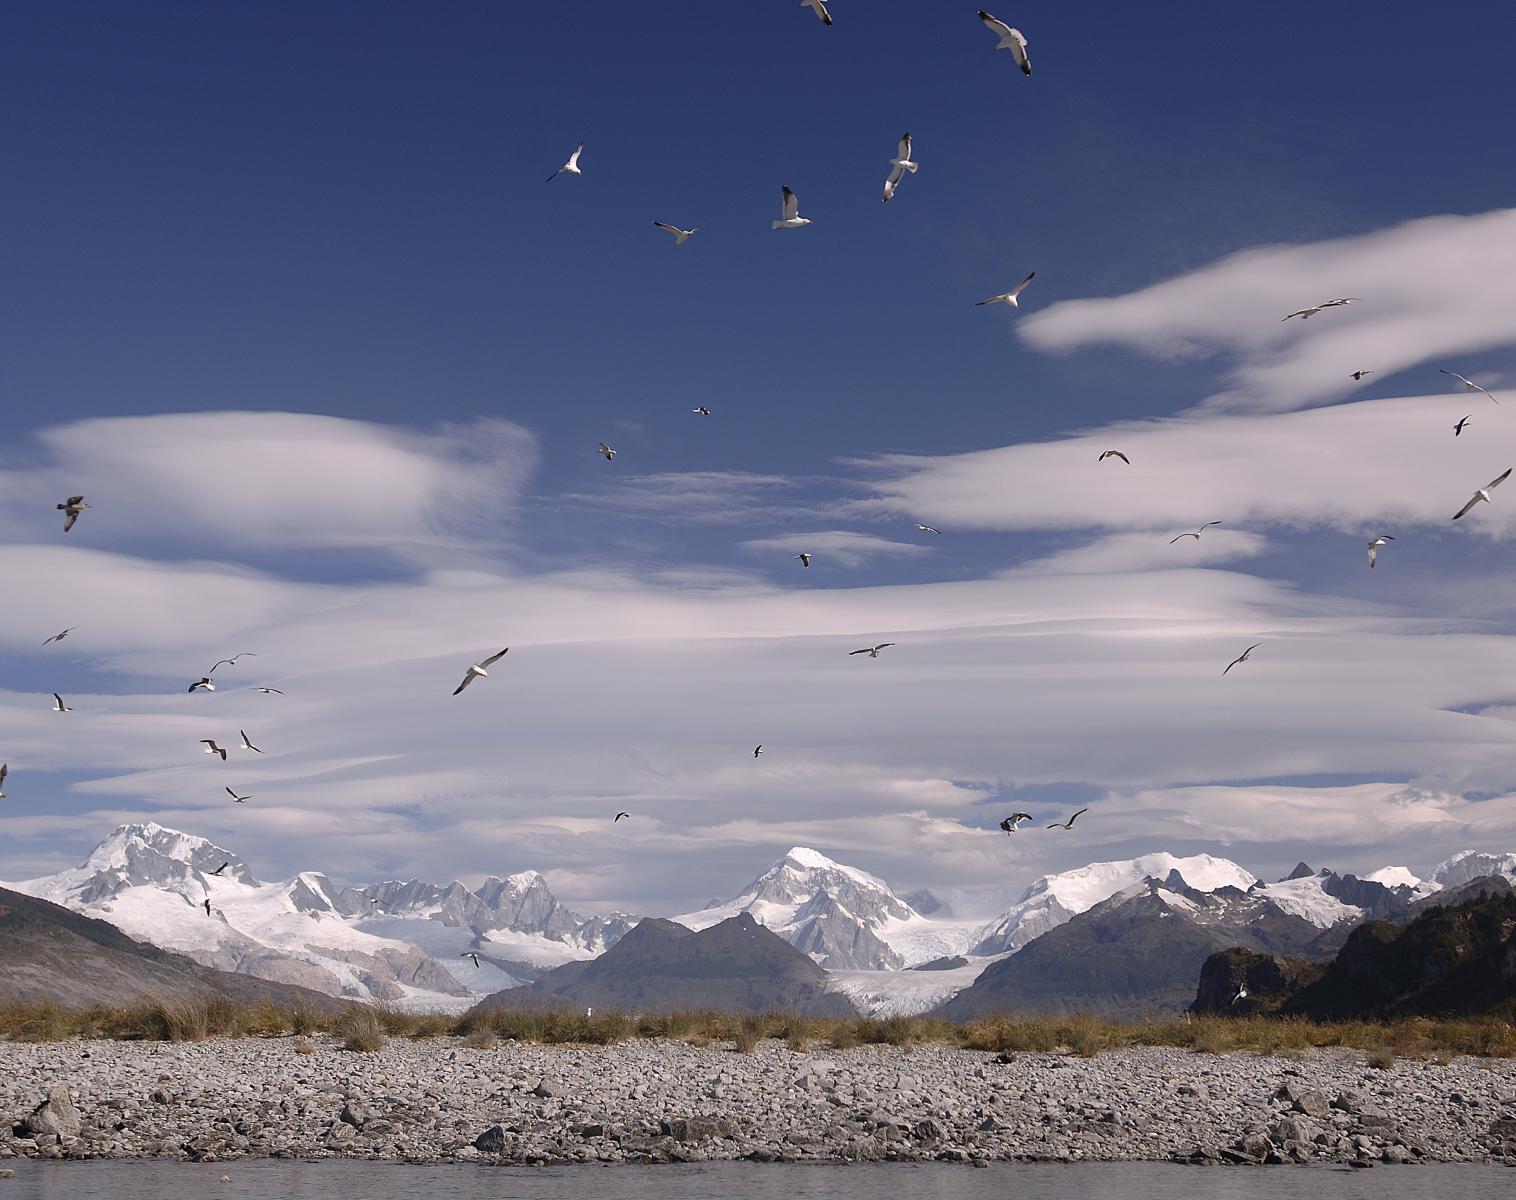 Patagonie  L'Odyssée Andine Etape 9 : Exploration de la Cordillera Darwin   Découverte Photo Observation nature